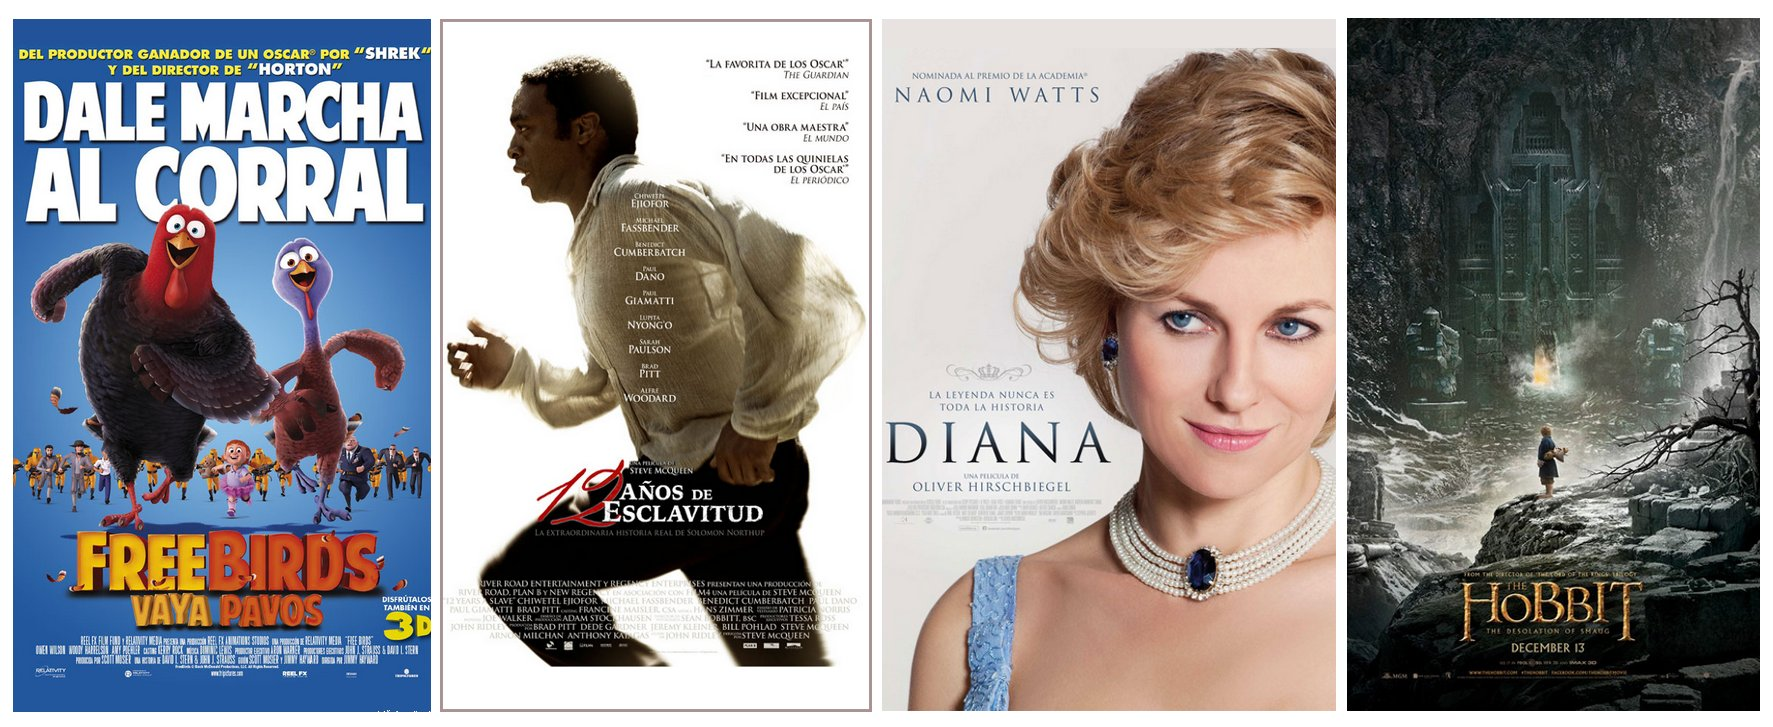 estrenos_2013-12-13